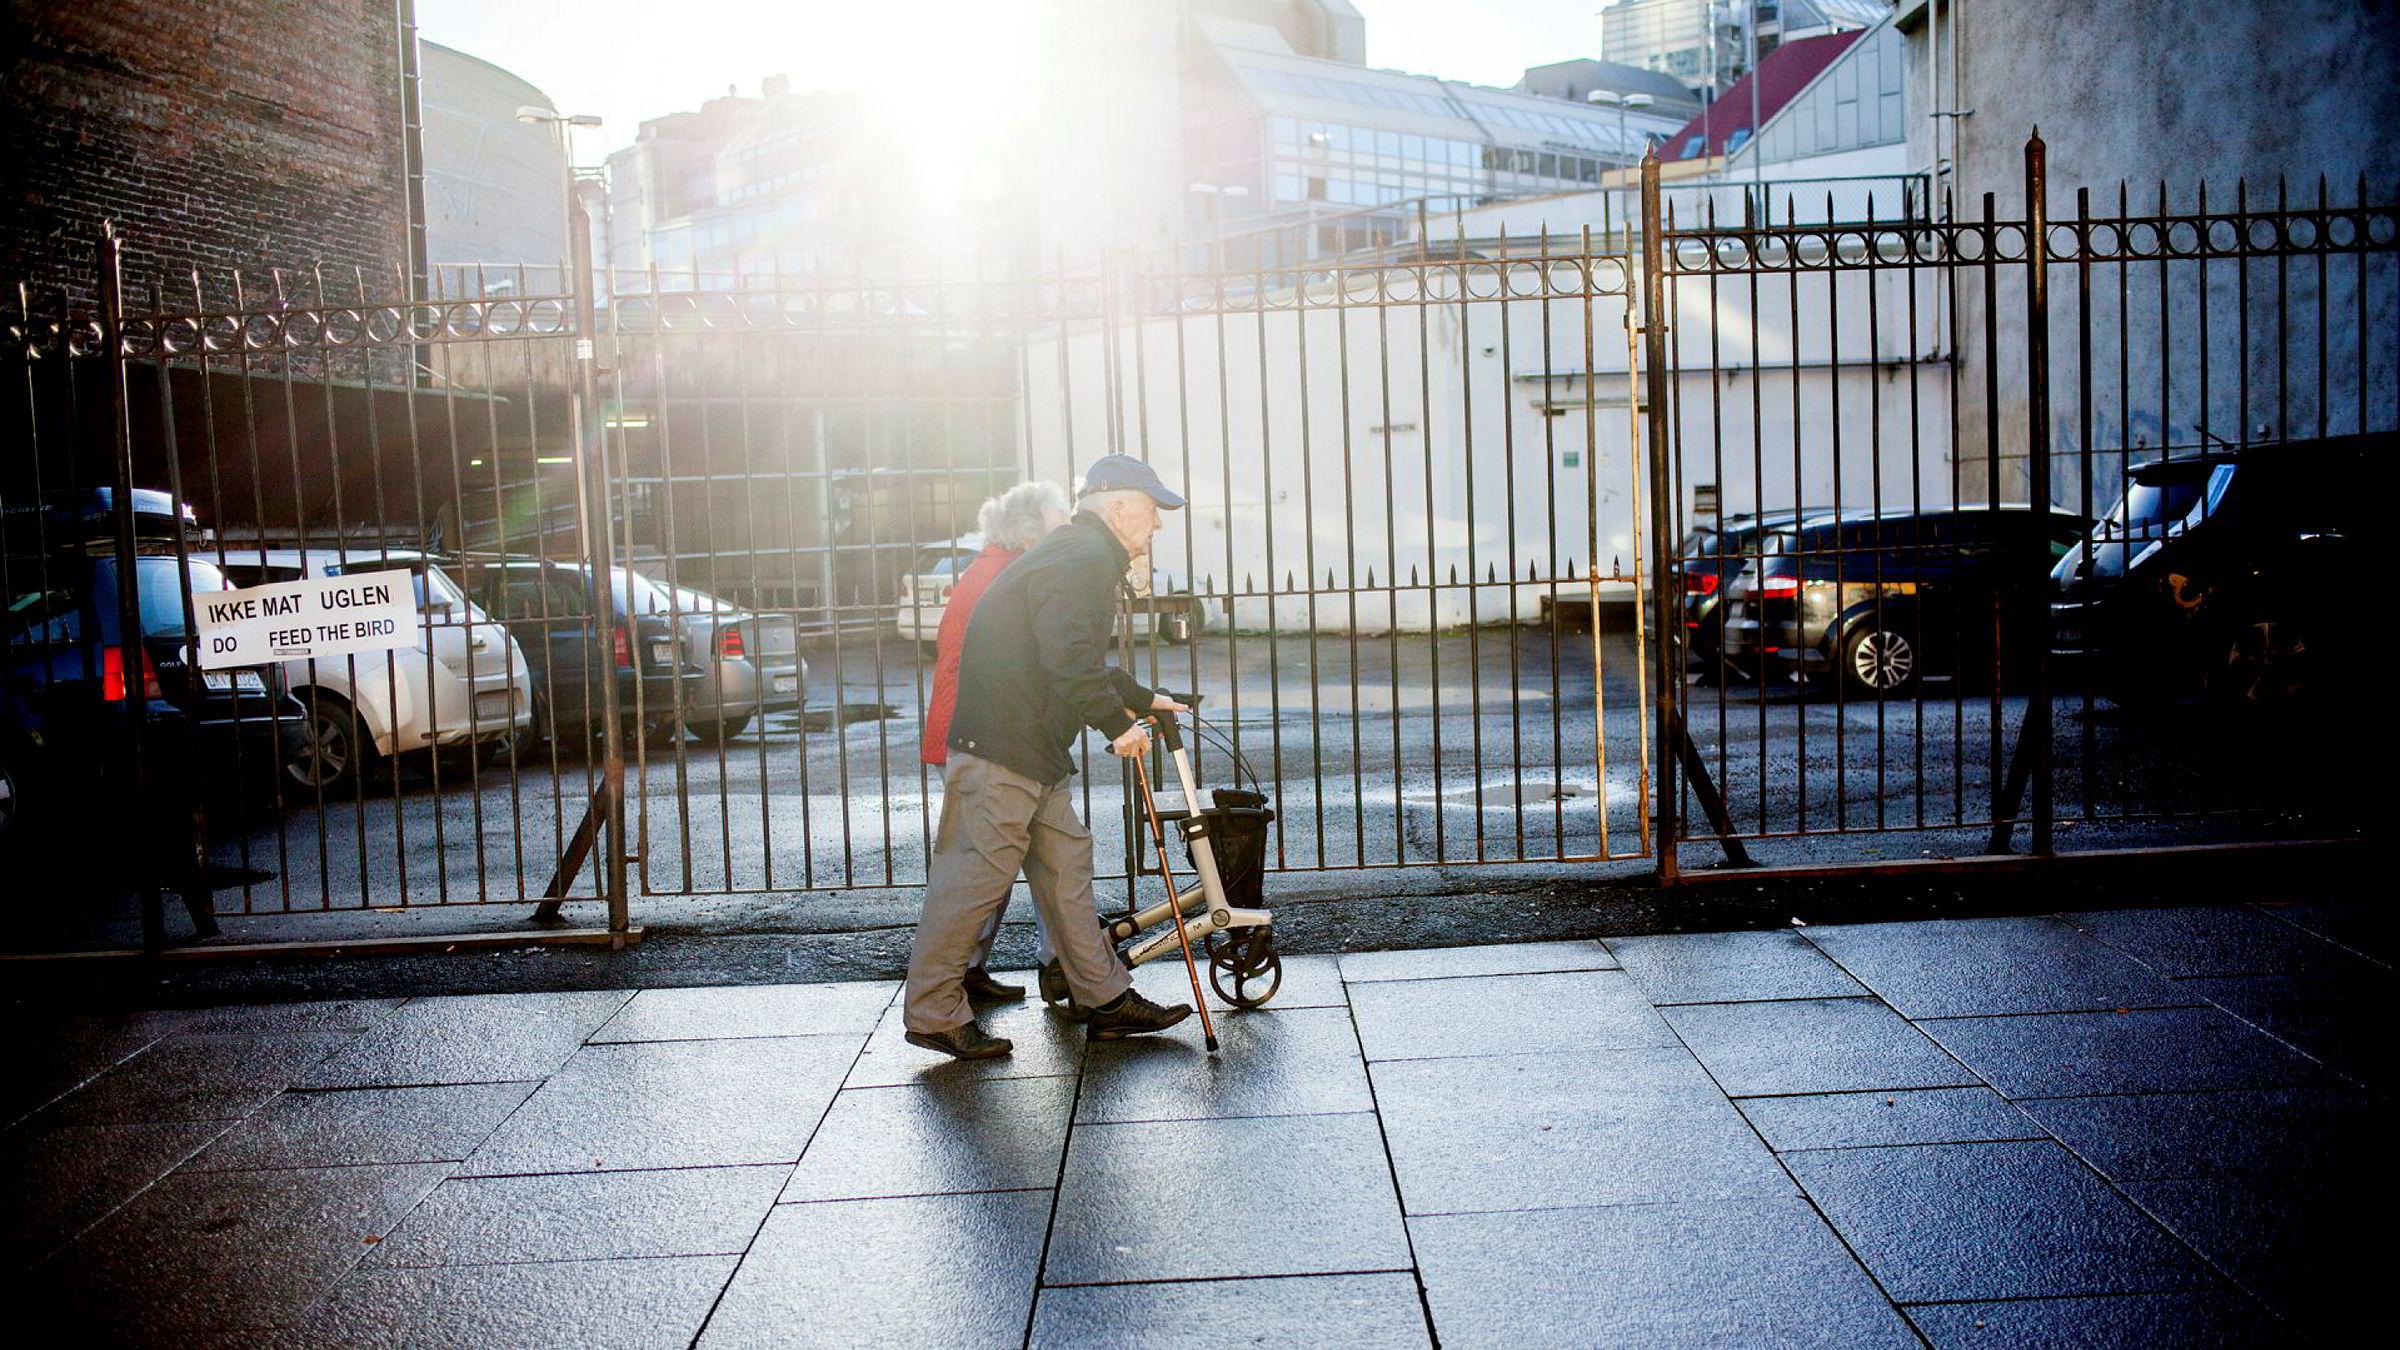 Tre av fire pensjonister har under 400.000 i inntekt. Disse har fått redusert sin pensjon med opp mot 8500 kroner i løpet av fire år med Frp/Høyre-regjering. Det merkes for en vanlig pensjonist, skriver forfatteren.